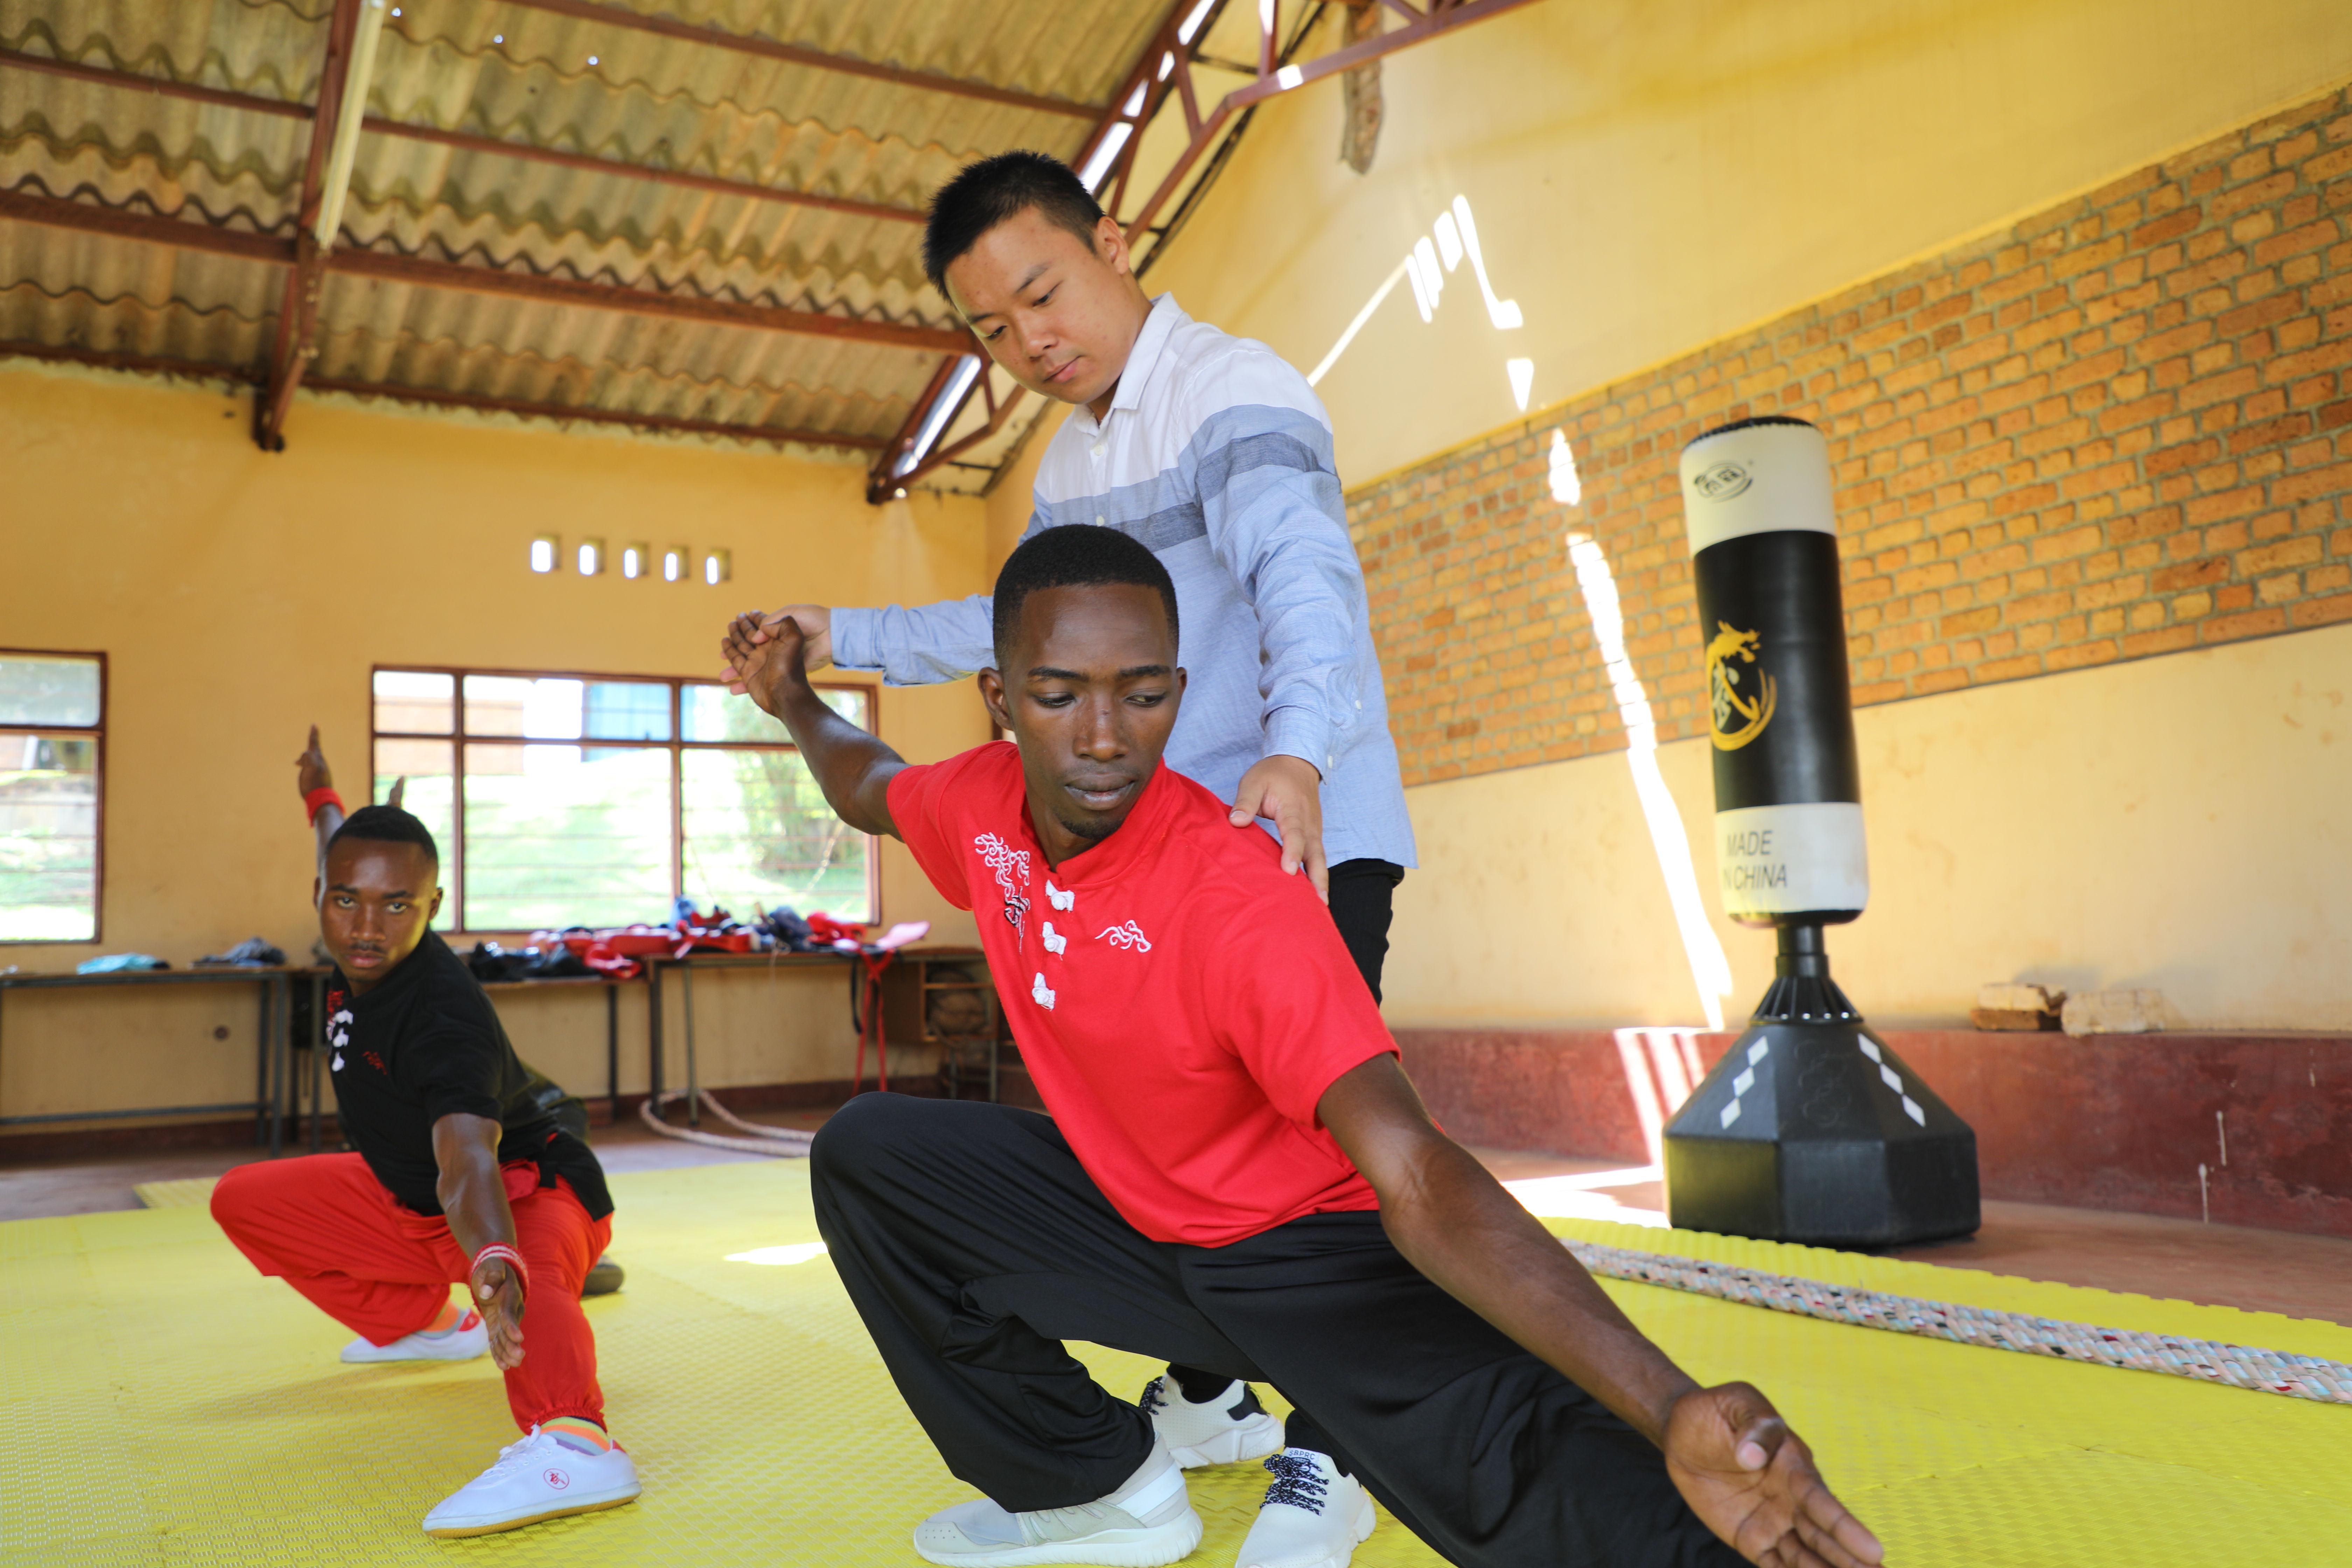 Chinese Kung Fu creates common ground between Chinese, Rwanda people